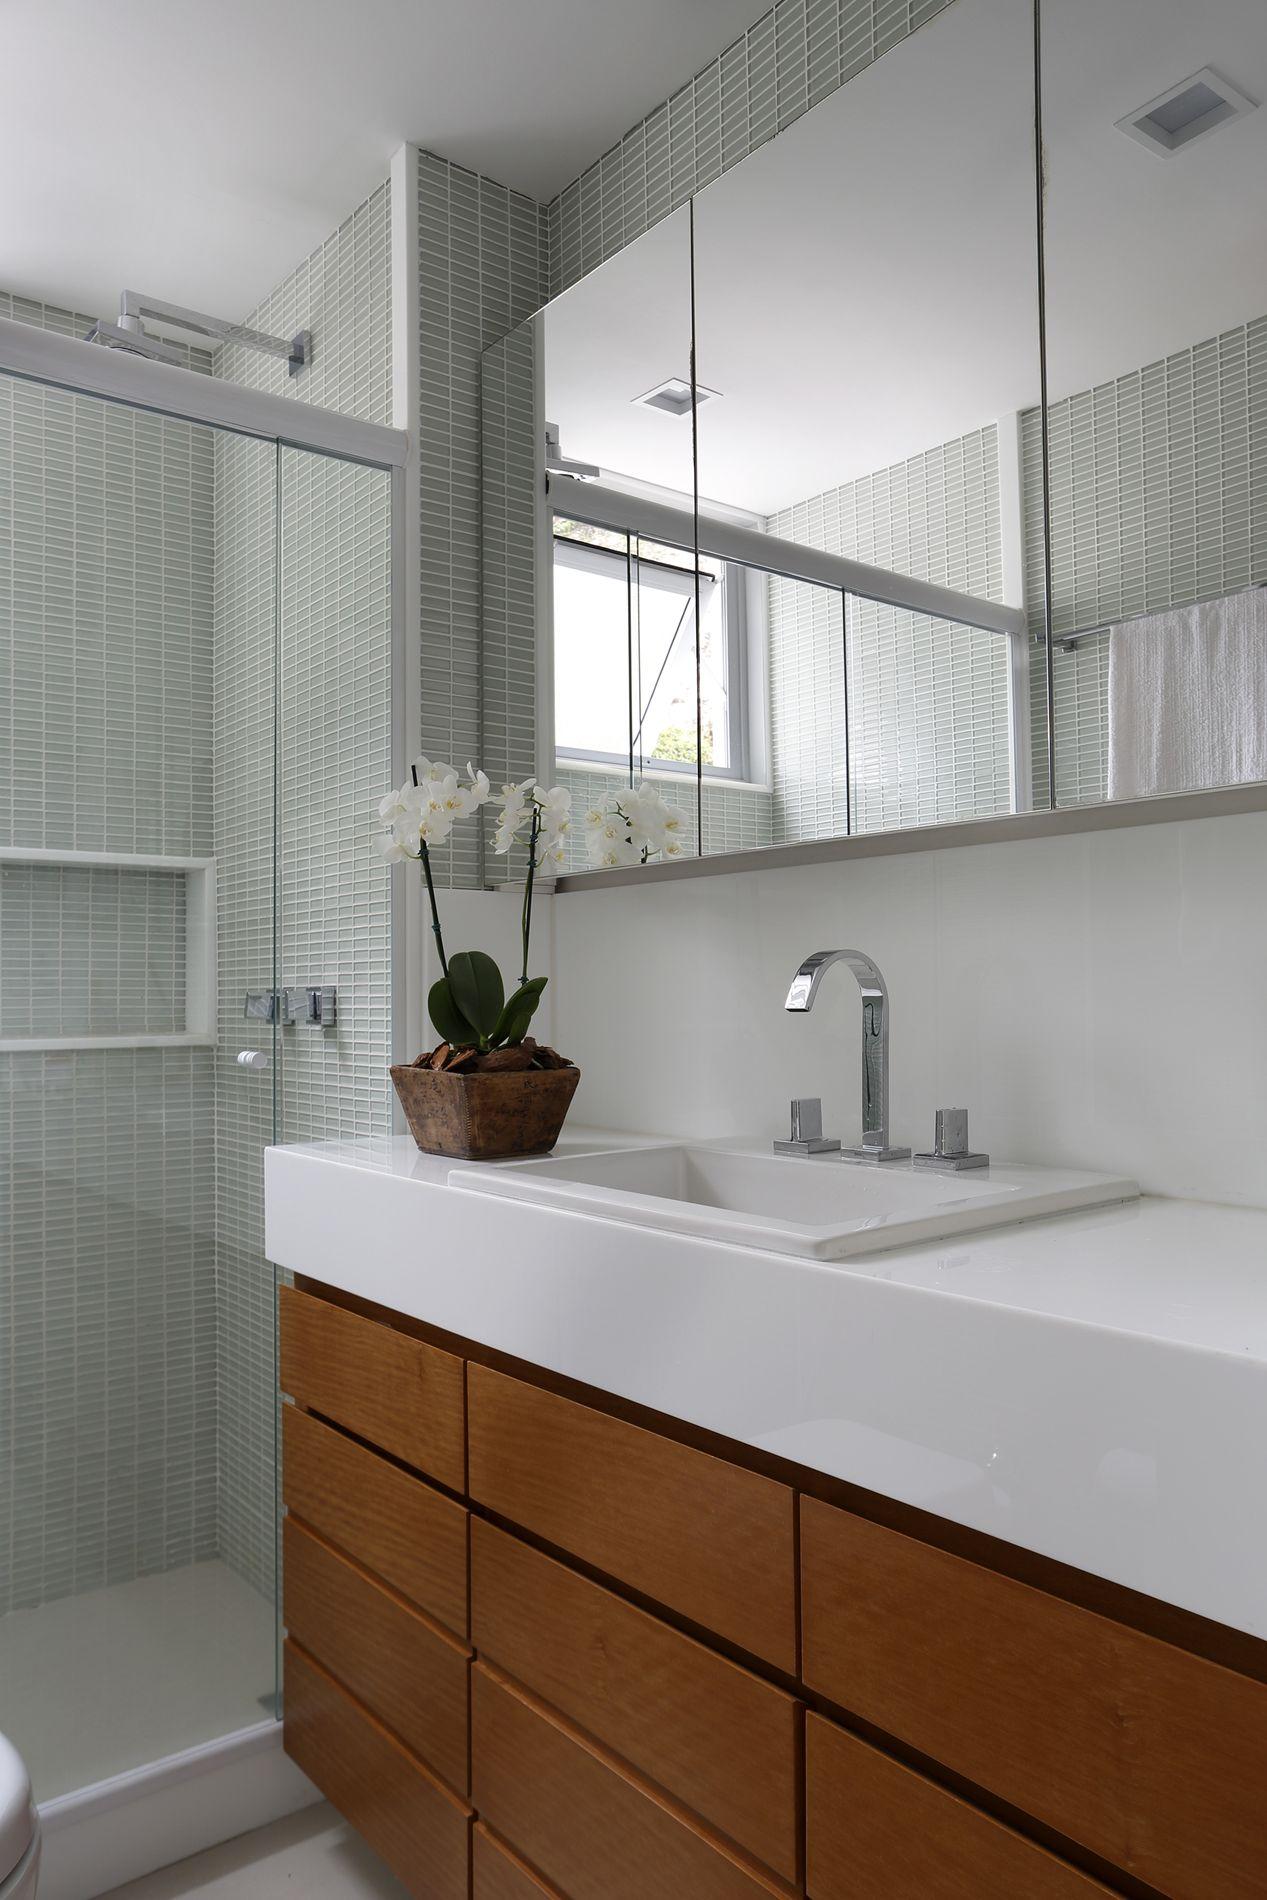 Projeto de Arquitetura e Decoração para Banheiros Pequenos em  #603718 1267 1900